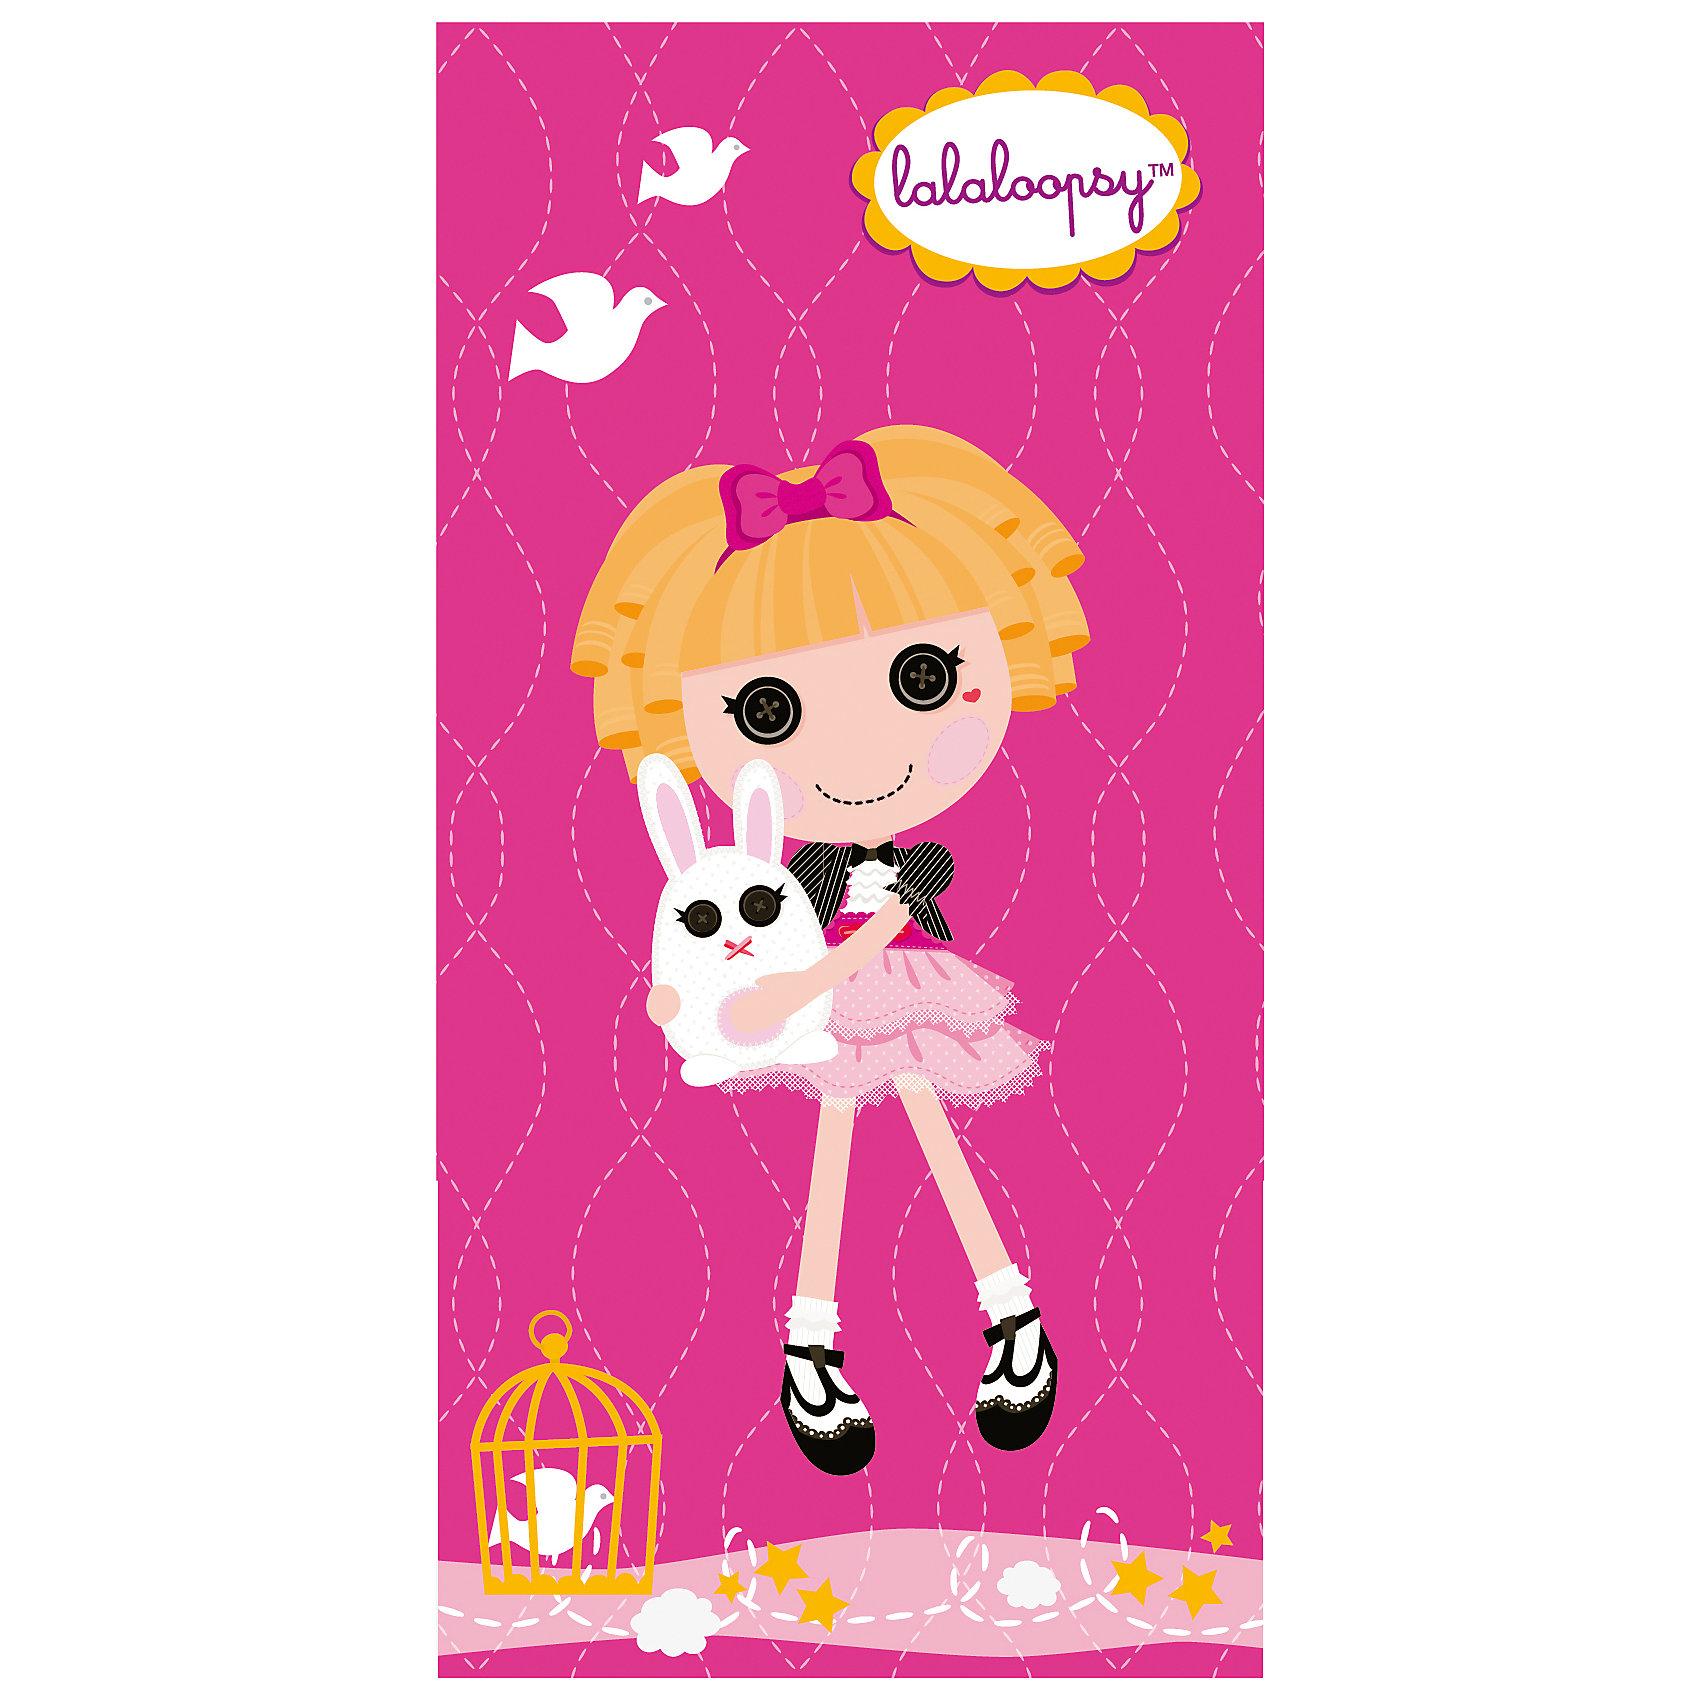 Полотенце Розовая куколка,  50*90 см, LalaloopsyПляжные полотенца<br>Мягкое, приятное на ощупь детское полотенце Розовая куколка, Lalaloopsy порадует и поднимет настроение Вашей девочке. Полотенце выполнено из махры и велюра, состоящих 100% хлопка и украшено ярким изображением популярной куколки Lalaloopsy (Лалалупси) и ее питомца - кролика. Прекрасно впитывает влагу, обладает высокой теплозащитой.<br><br>Дополнительная информация:<br><br>- Материал: махра и велюр из 100% хлопка. <br>- Цвет: розовый.<br>- Размер: 50 х 90 см.<br>- Вес: 0,30 кг.<br><br>Полотенце Розовая куколка, Lalaloopsy, можно купить в нашем интернет-магазине.<br><br>Ширина мм: 400<br>Глубина мм: 250<br>Высота мм: 10<br>Вес г: 250<br>Возраст от месяцев: 36<br>Возраст до месяцев: 180<br>Пол: Женский<br>Возраст: Детский<br>SKU: 3972070